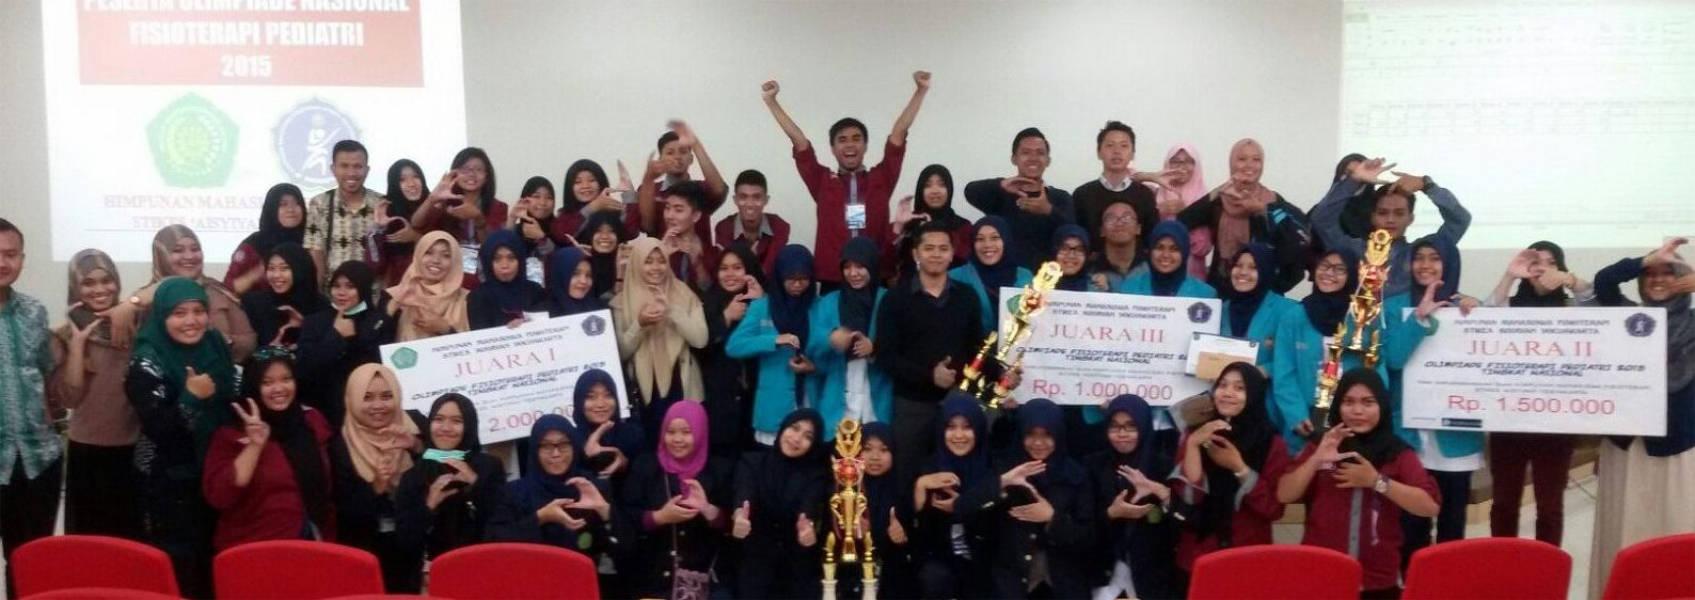 Pembinaan Mahasiswa Fisioterapi Unisa Yogyakarta